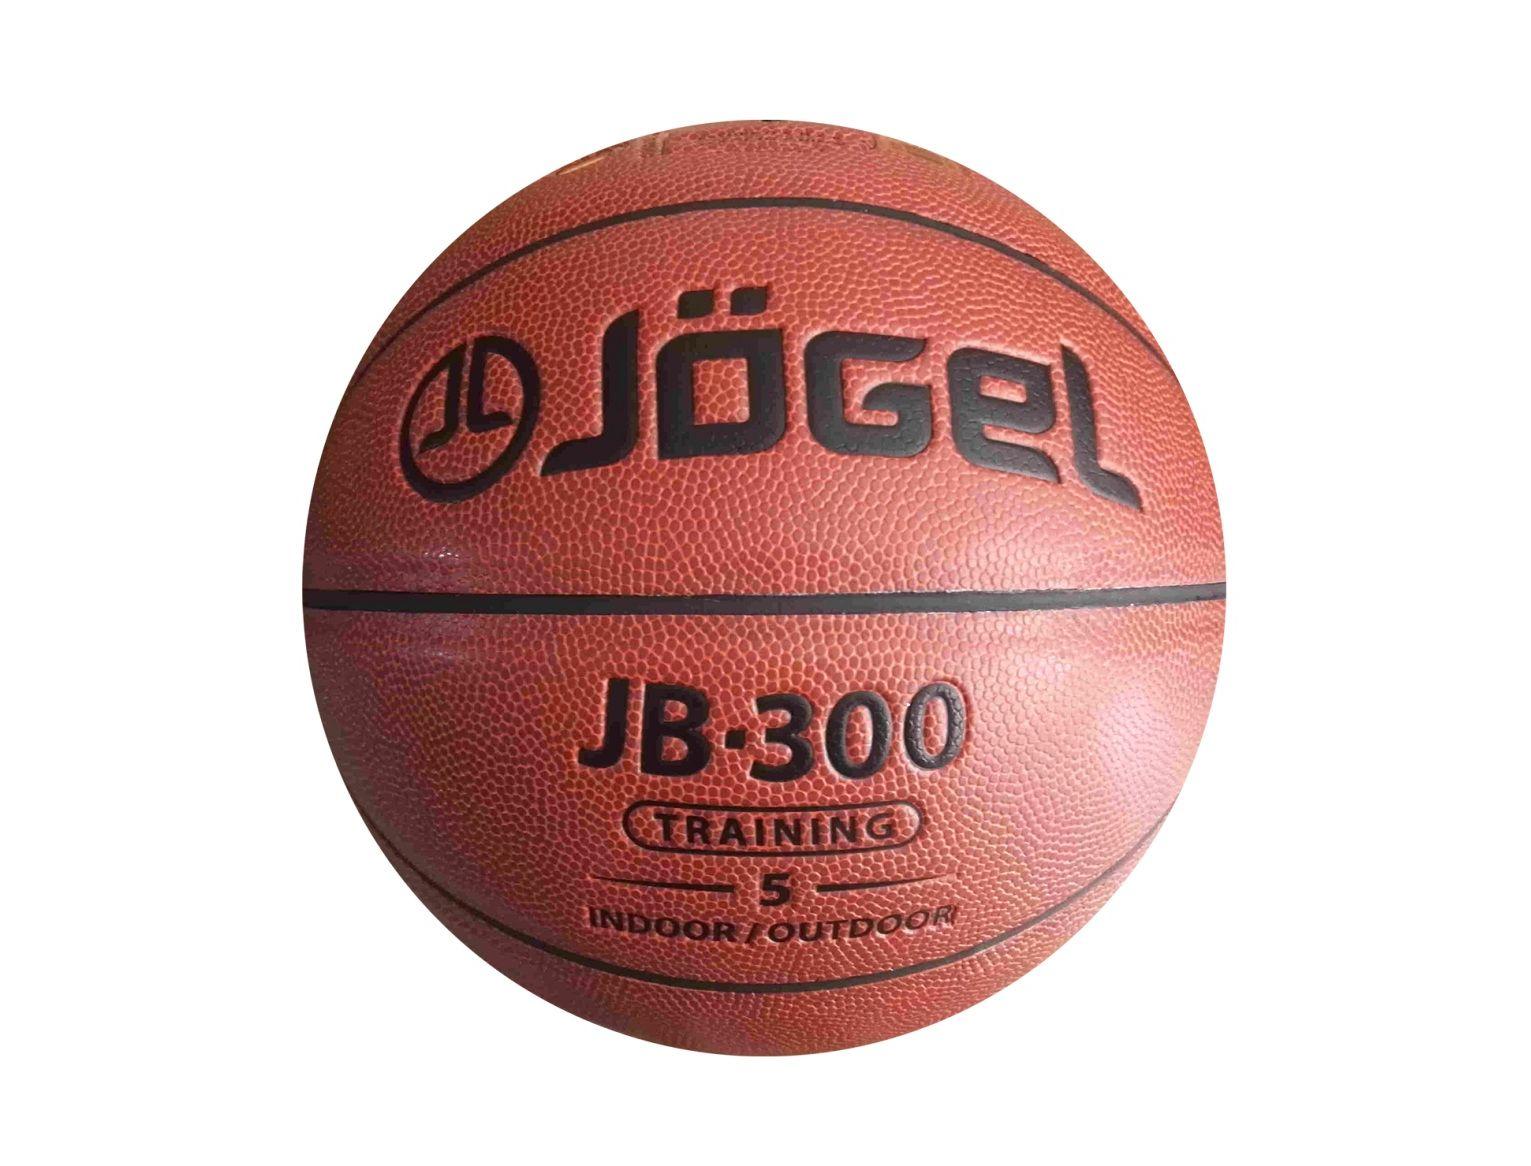 0310fbe65f91 Об ассортименте спорттоваров и продукции для активного отдыха. У нас  представлены функциональные детские спортивные ...